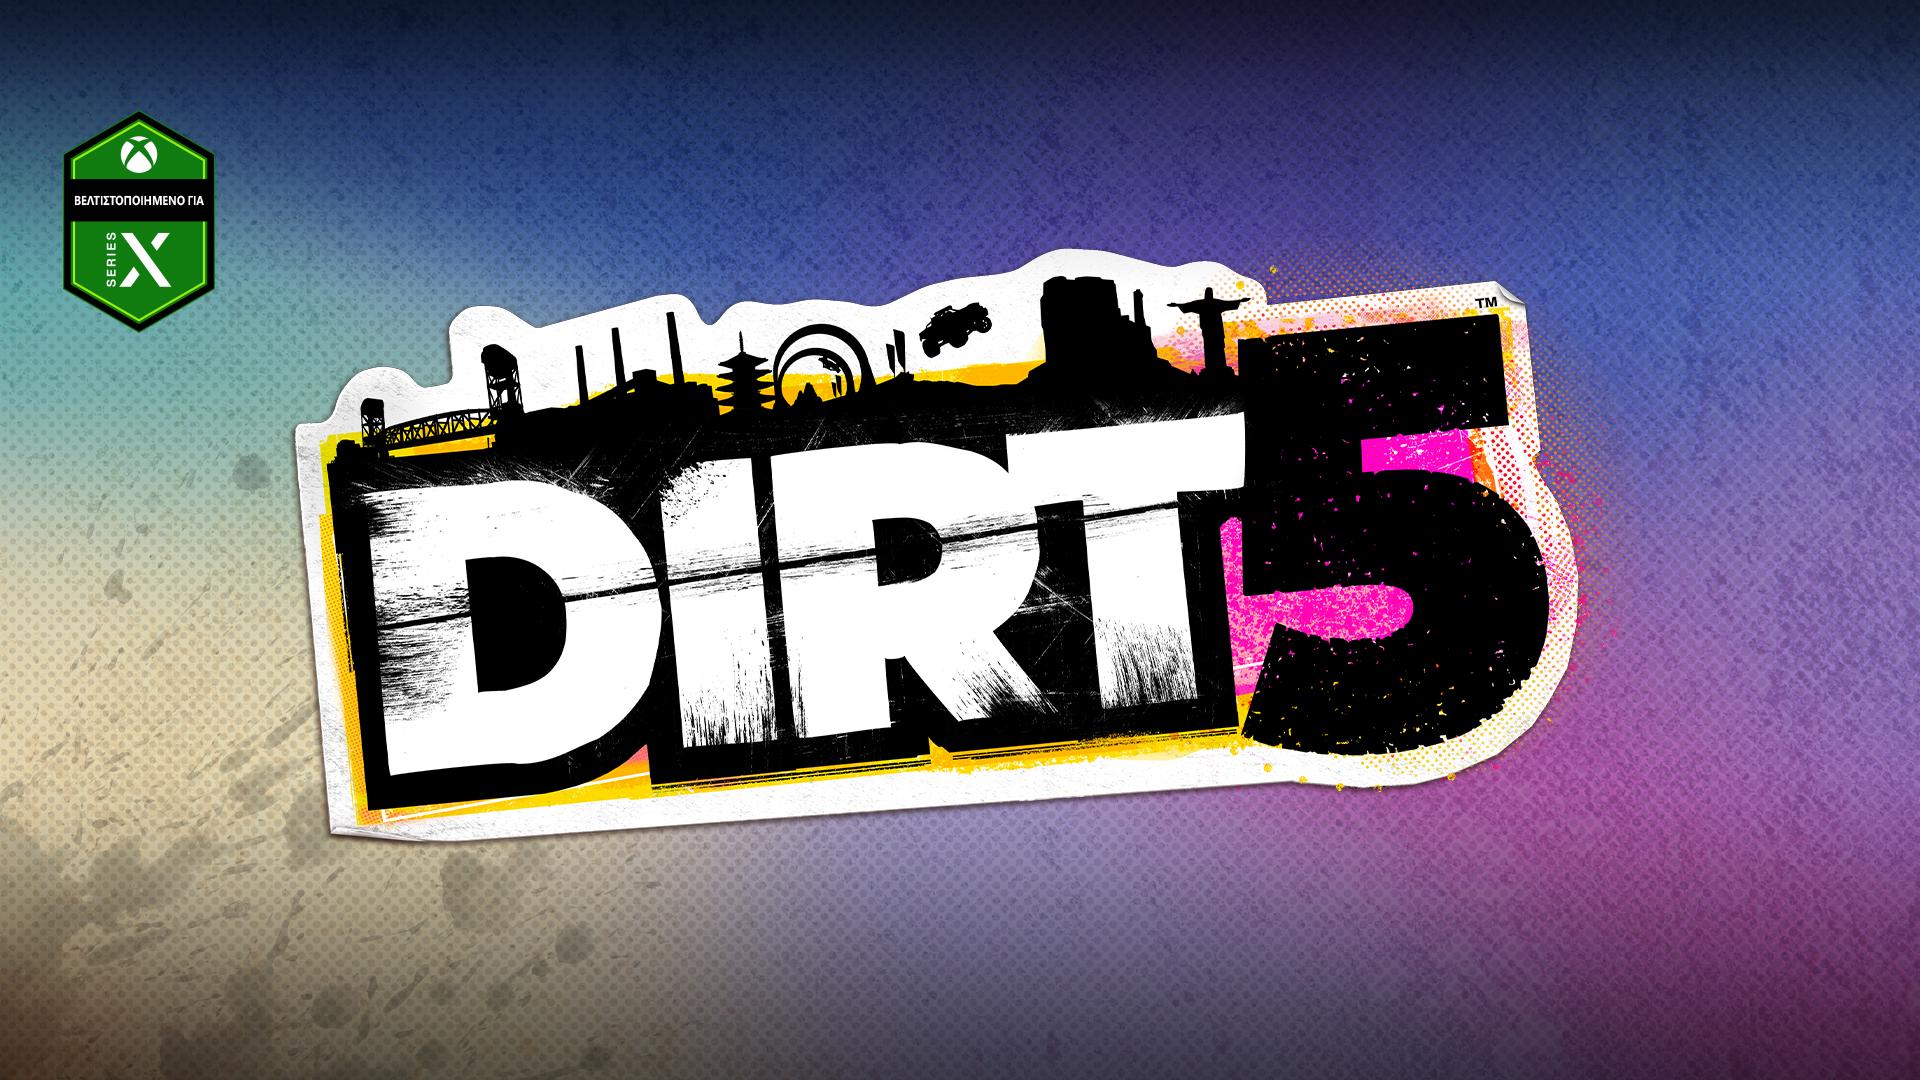 Λογότυπο Βελτιστοποιημένο για Series X, λογότυπο DIRT 5 σε πολύχρωμο φόντο